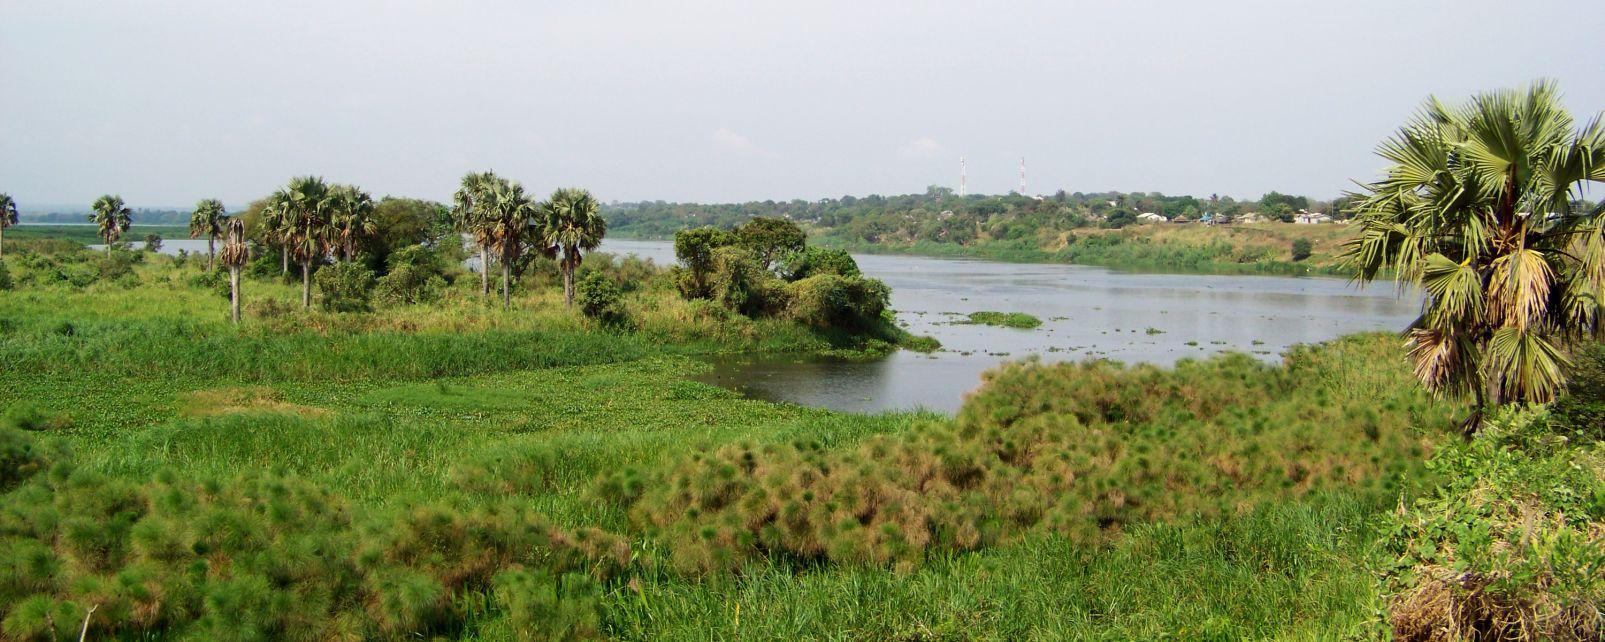 Il lago Mobutu Sese Seko, Le rive, Repubblica democratica del Congo